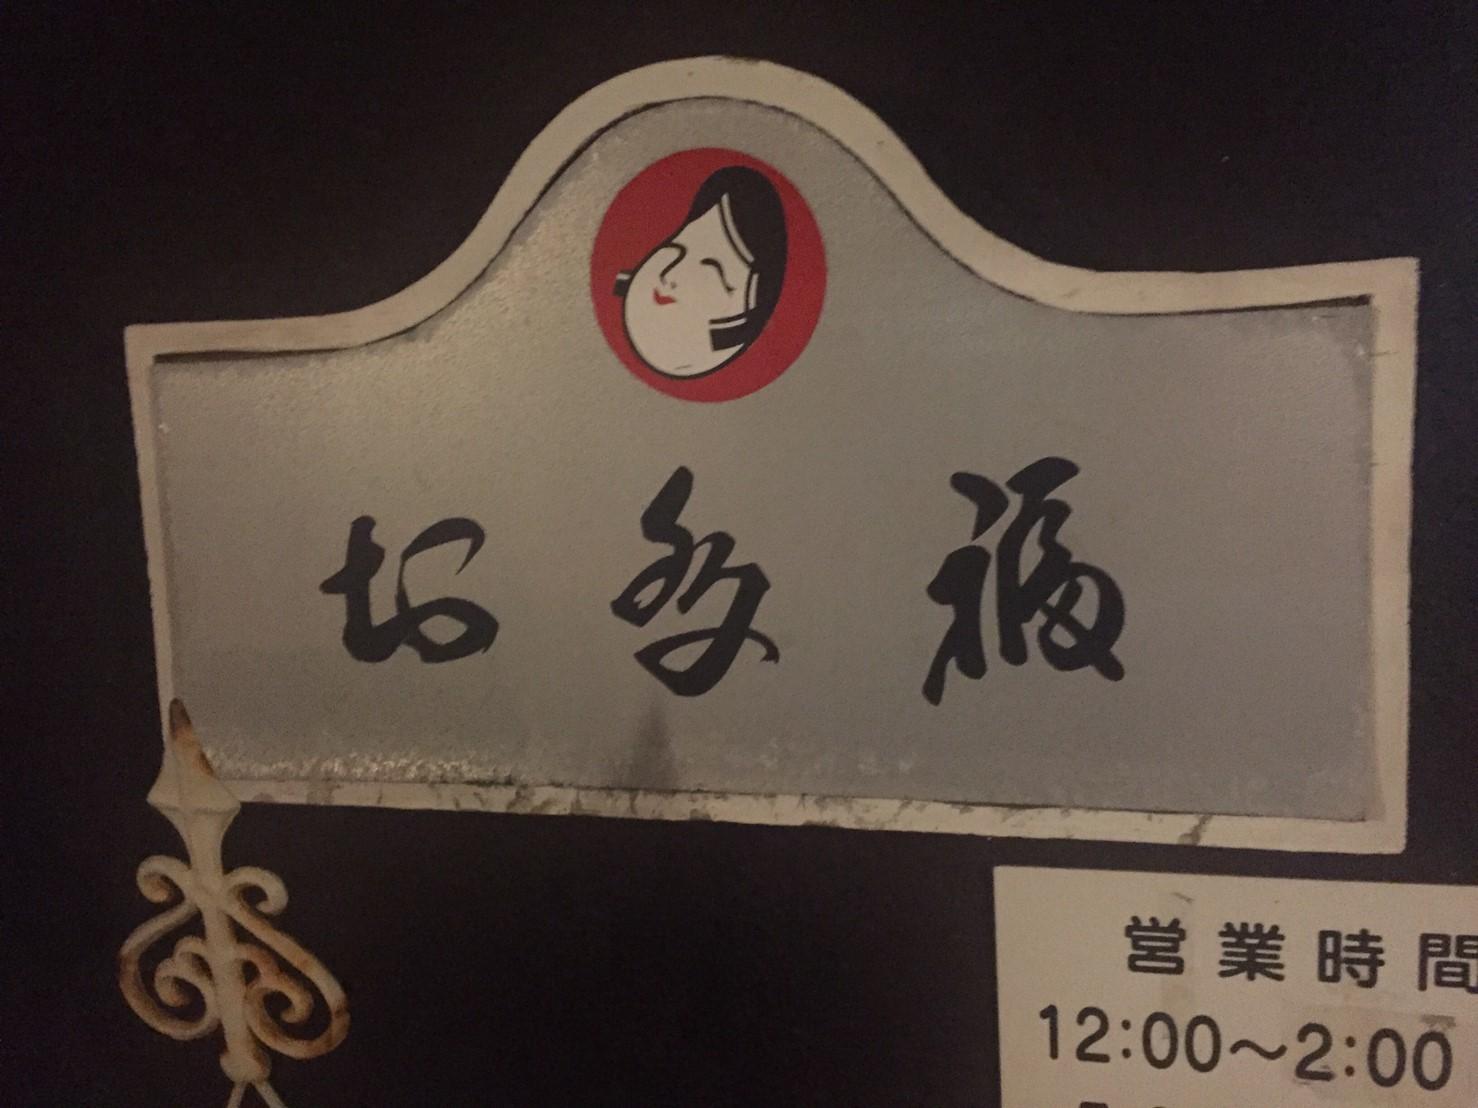 お好み焼き お多福  肉玉&ミックス_e0115904_08465888.jpg